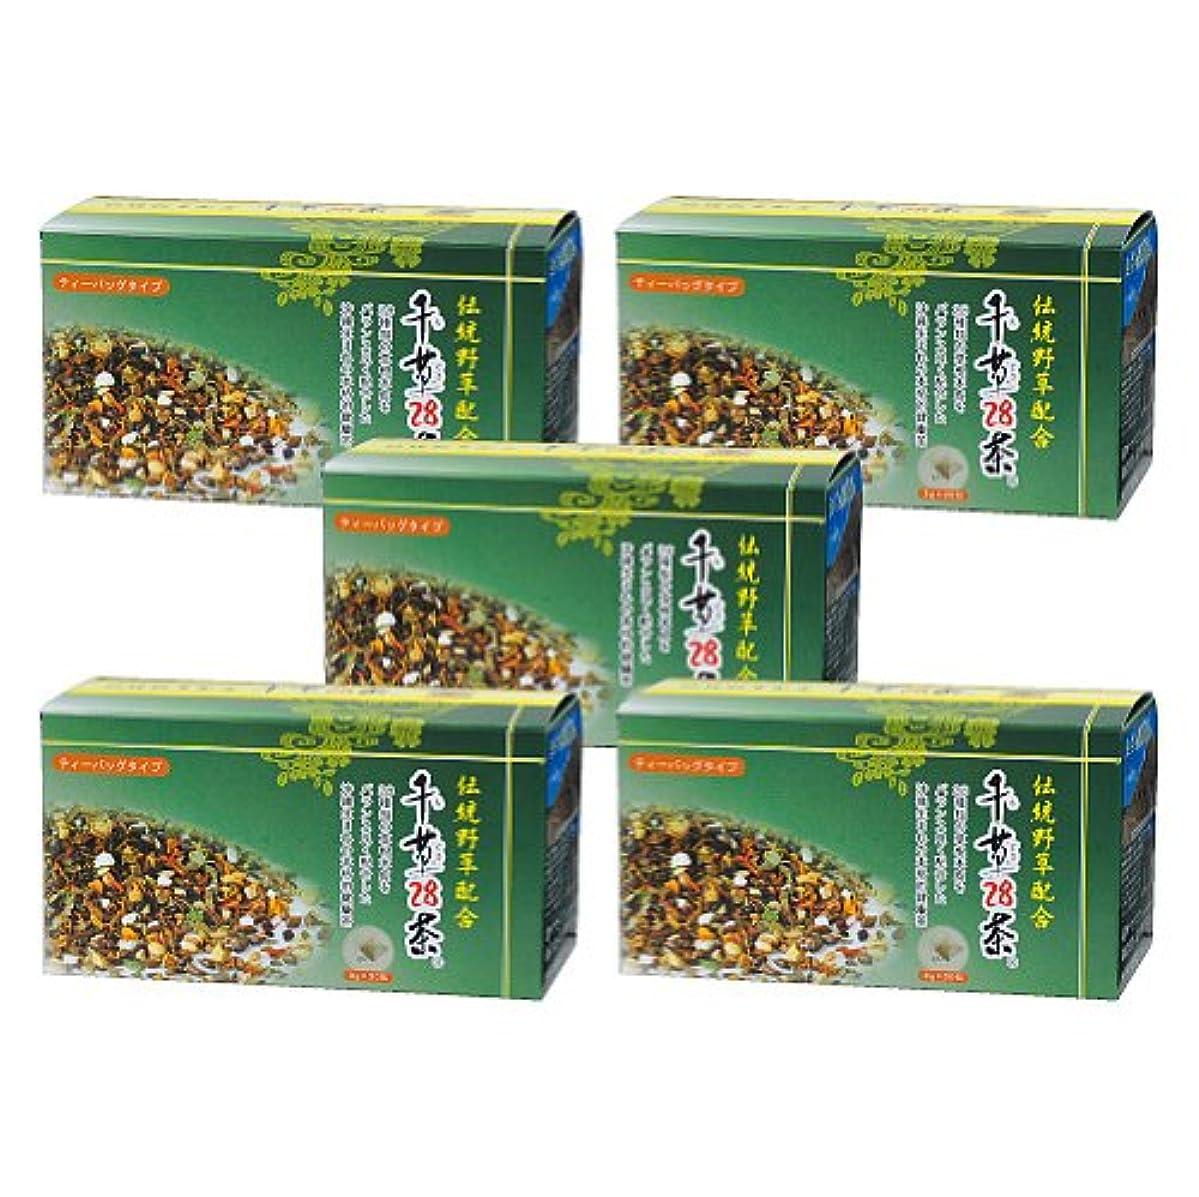 アーサー歯エキゾチック千草28茶 ティーバッグタイプ 30包×5個